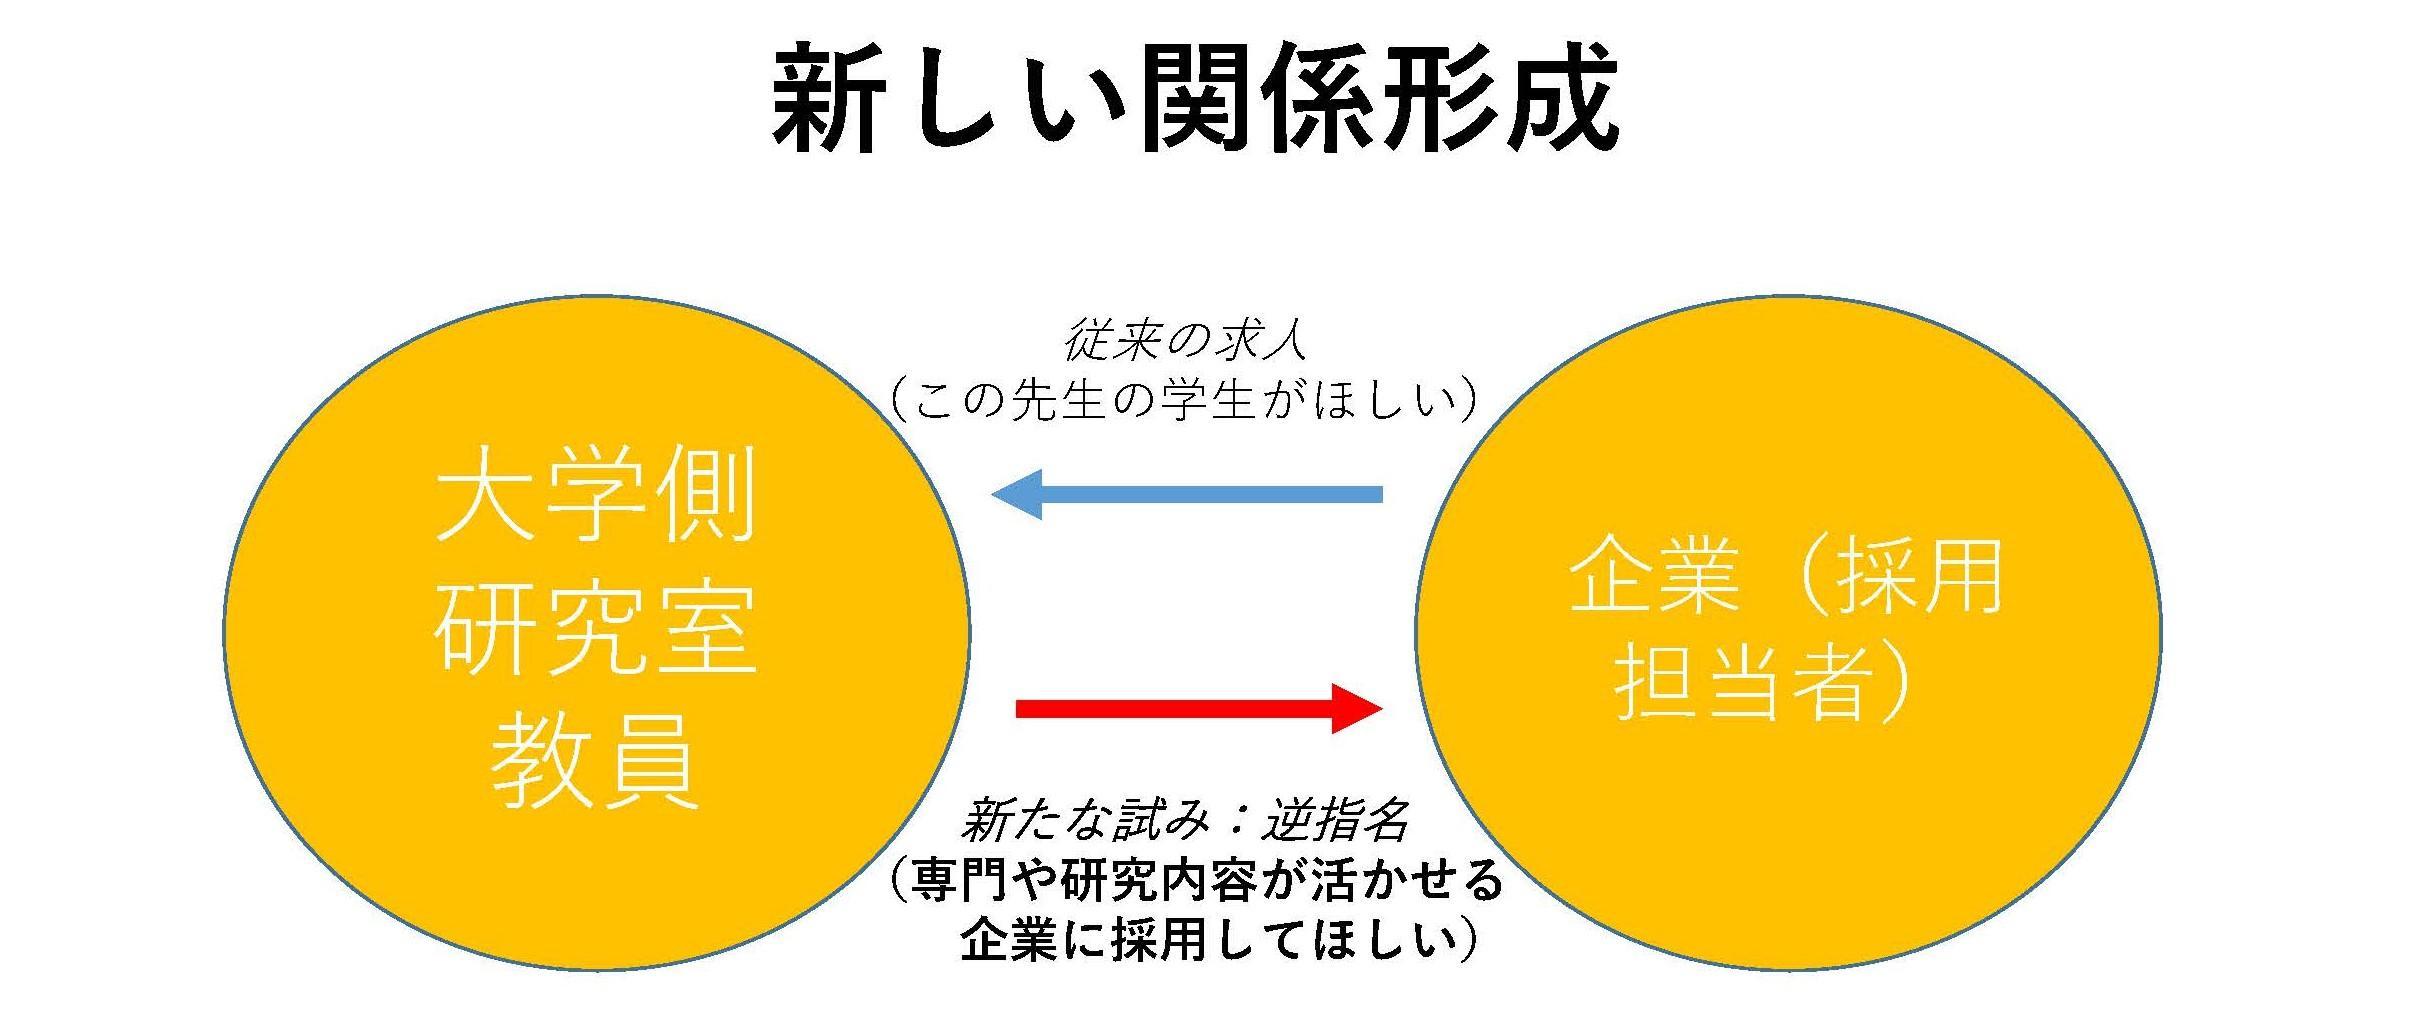 東京工芸大学工学部が11月6日にWeb上で就職情報交換会を開催 -- 教員と採用担当者の新たなペアリングを探り、企業との関係をより強固に --